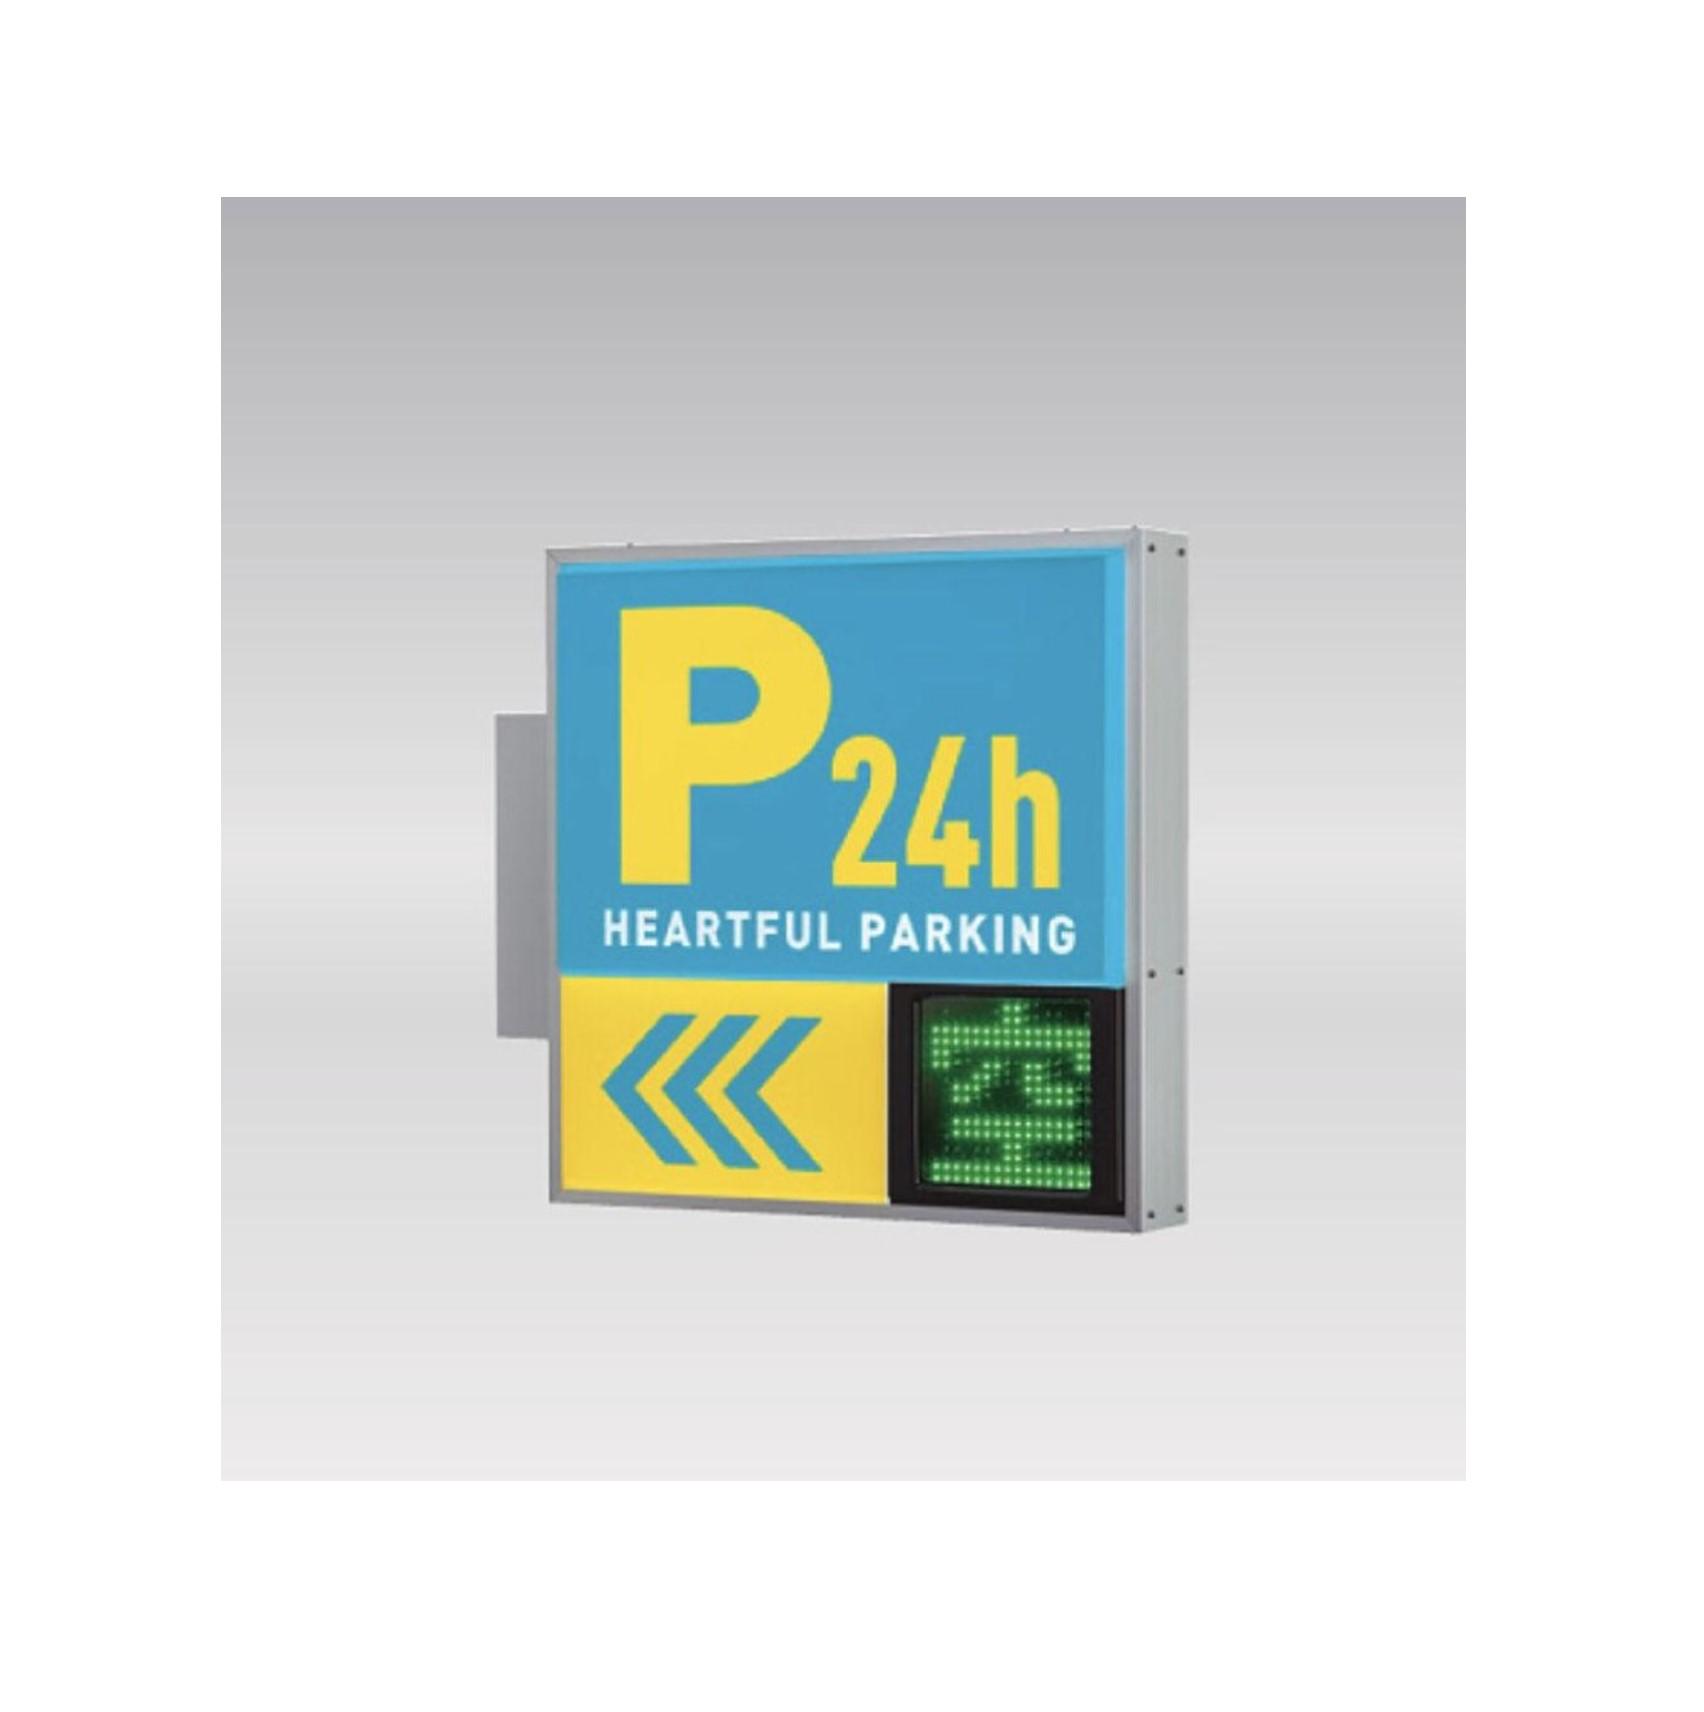 突出しパーキングサインのPS-3315LED-VI